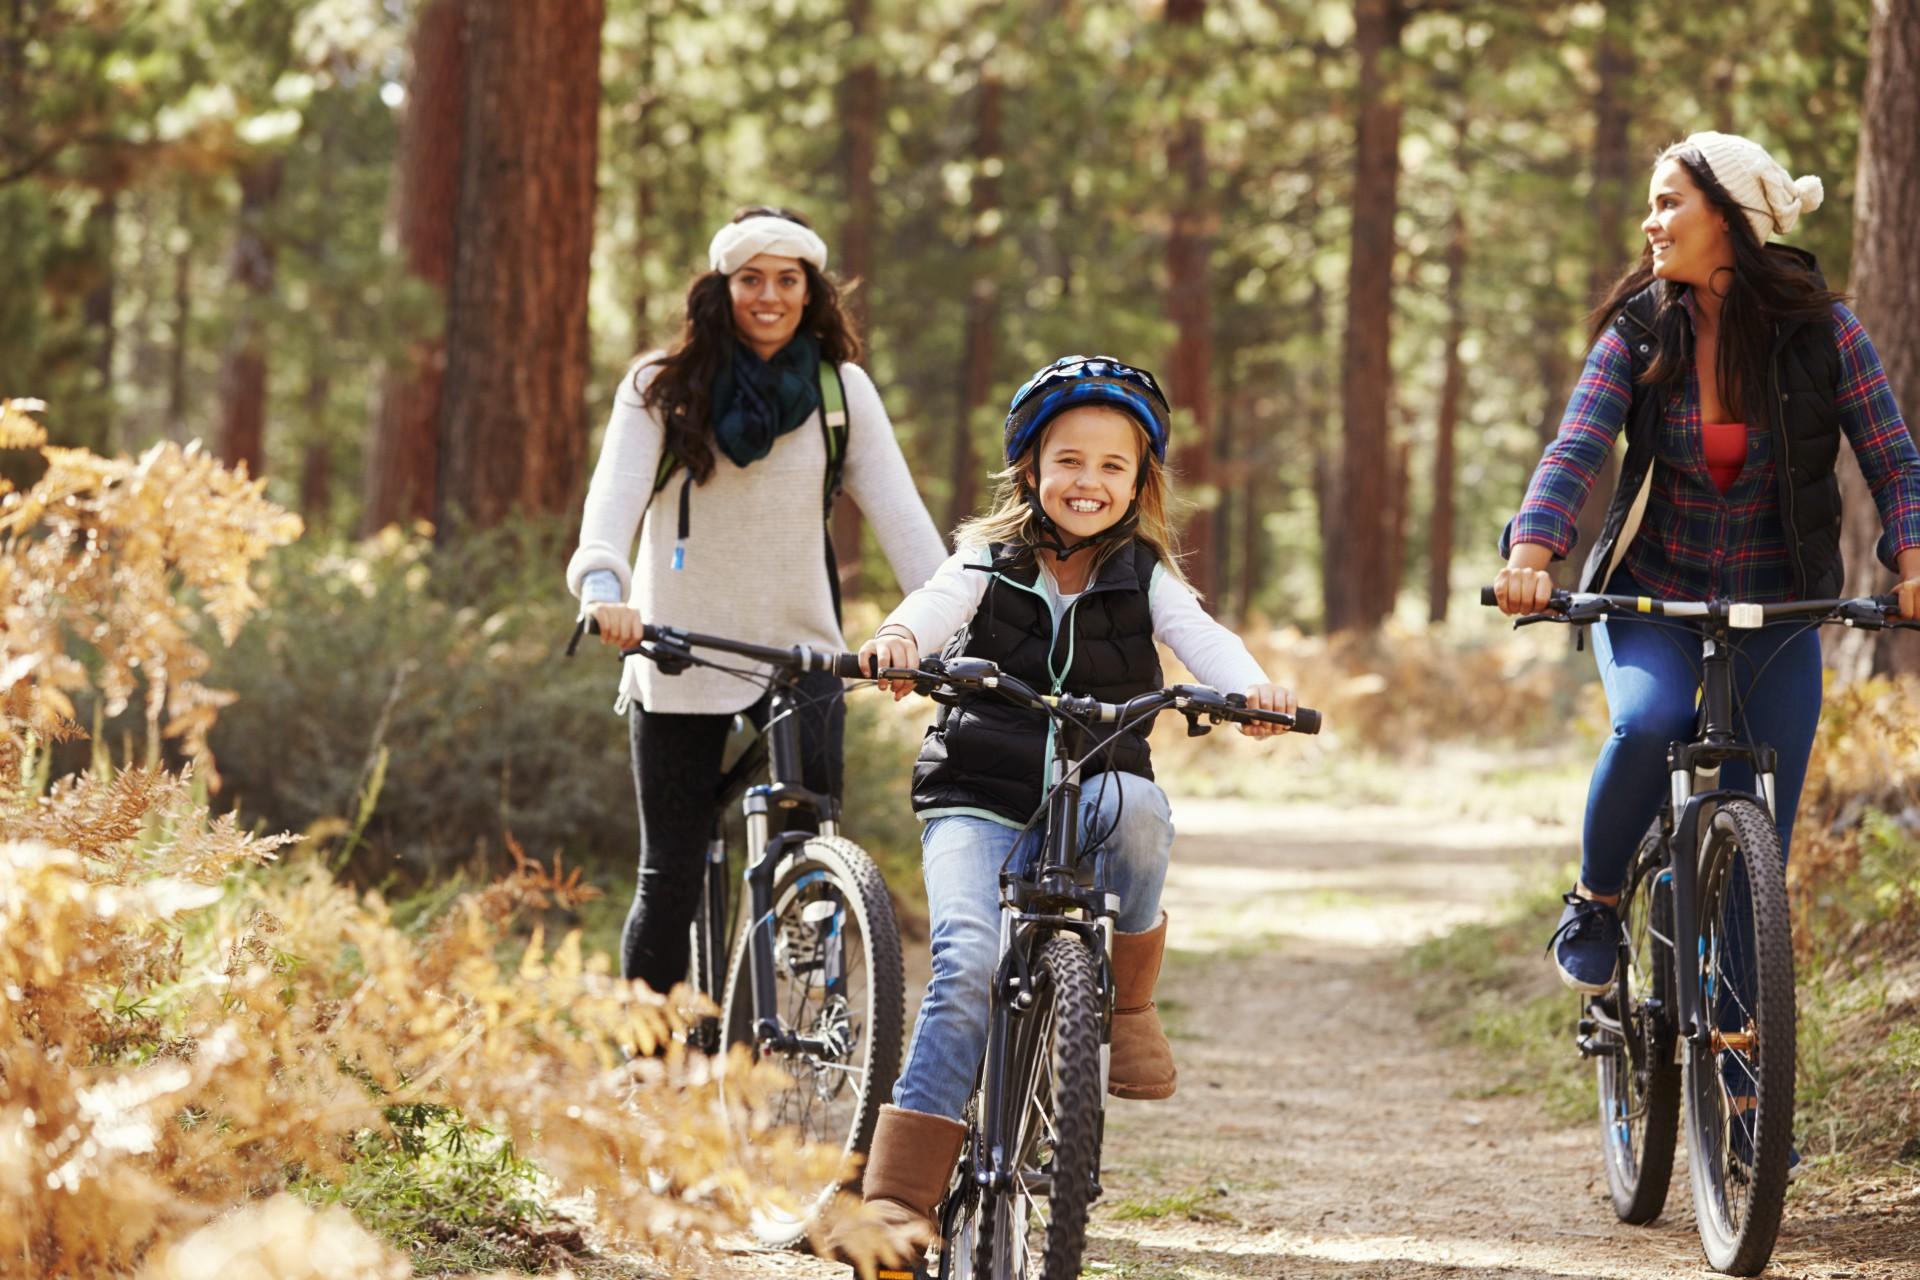 Zwei Frauen und ein Mädchen sind im Wlad mit Fahrrädern unterwegs